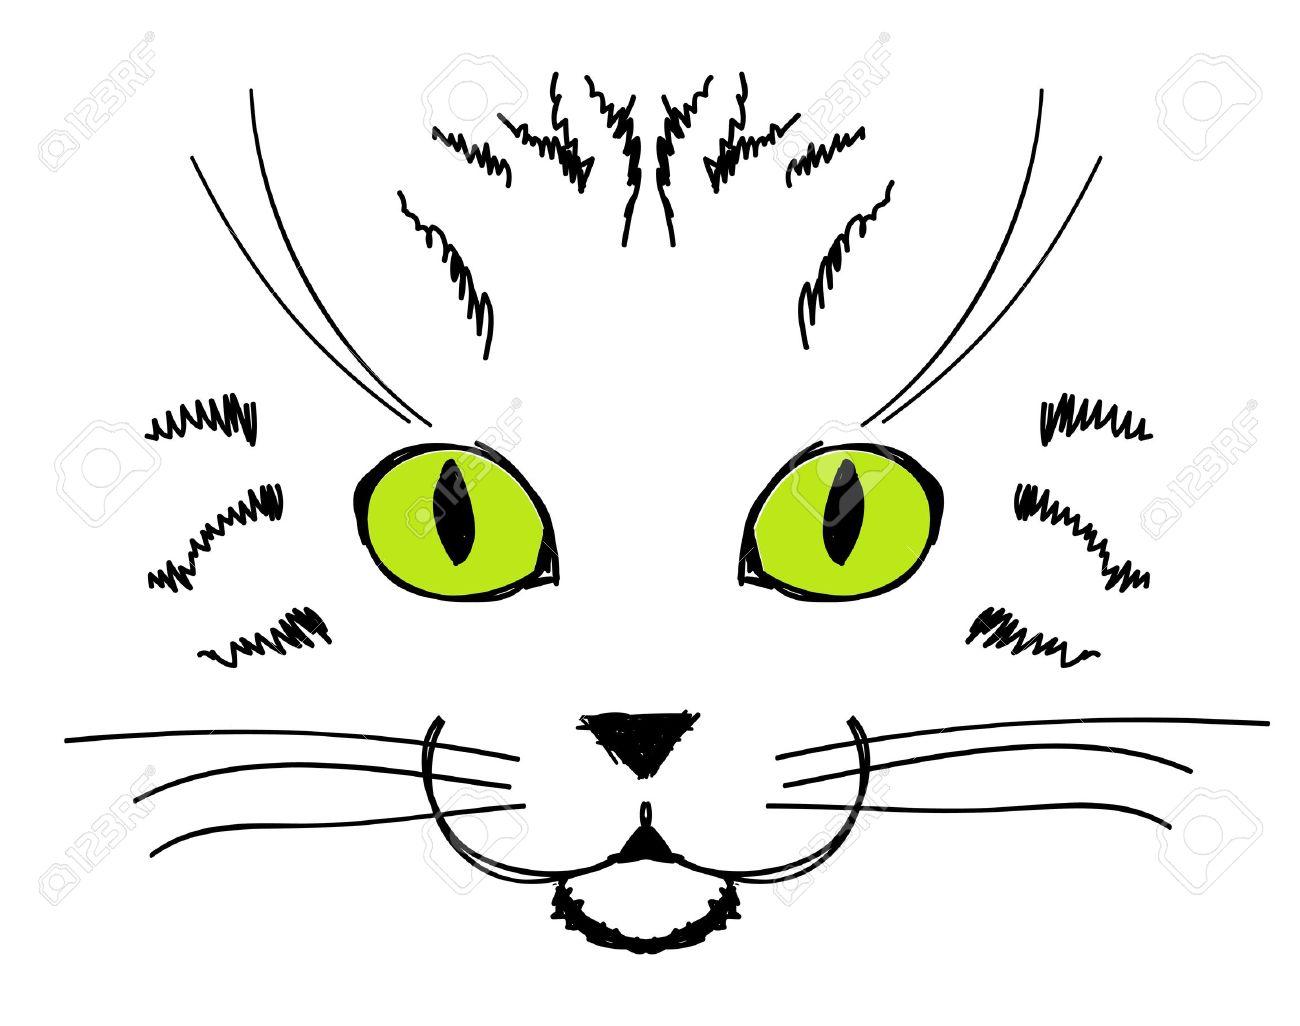 Cara Linda Del Gato Dibujo A Mano Para Su Diseño Ilustraciones